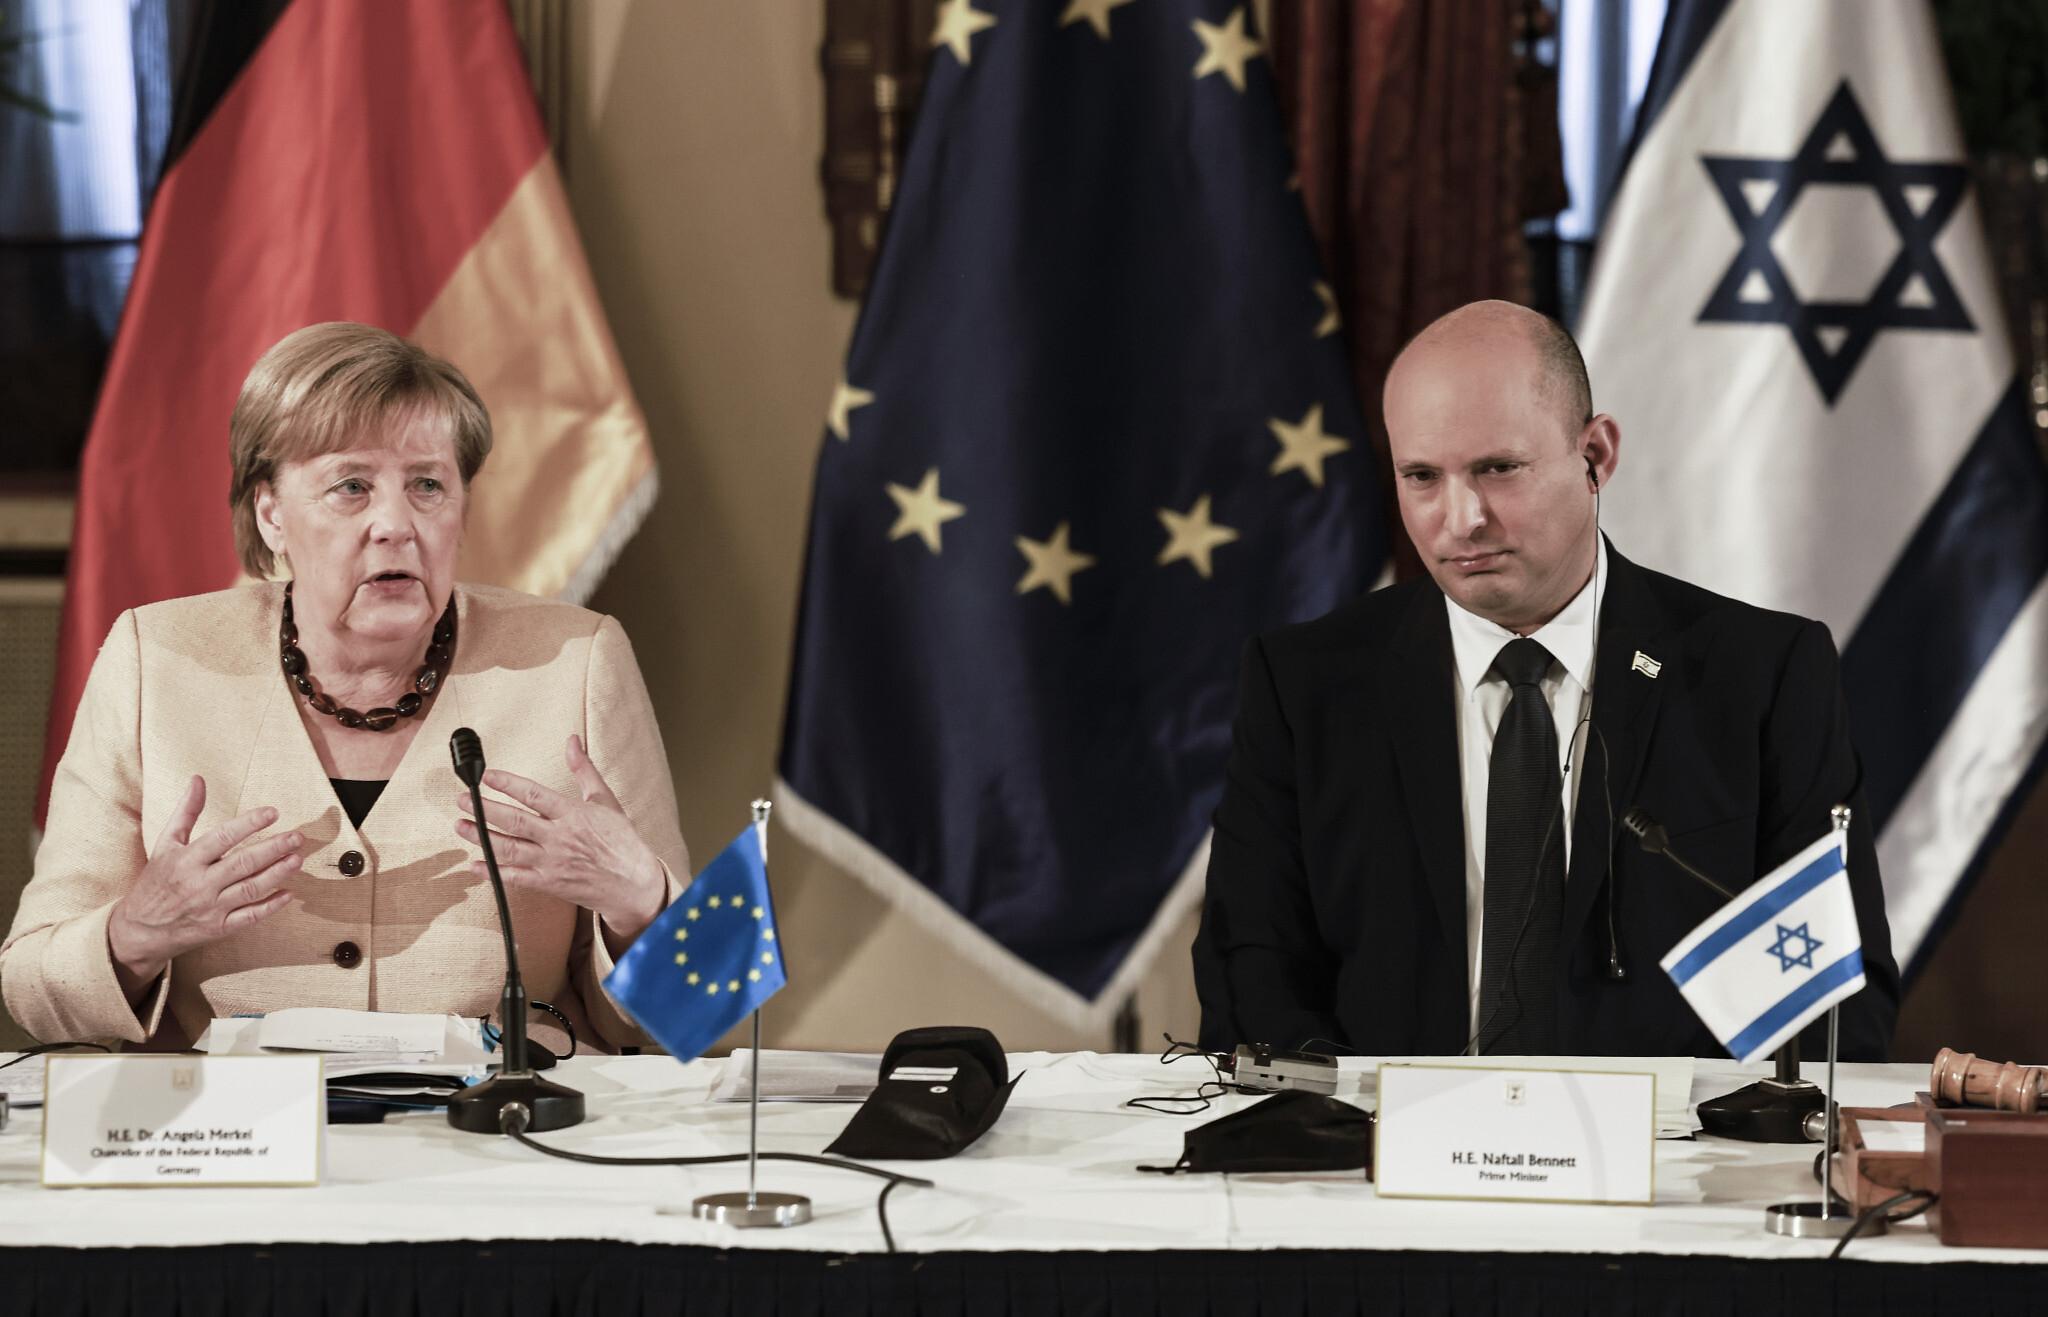 जर्मन चान्सलर एंगेला मर्केलले इजरायल पुगेर इरानका विषयमा अहम घोषणा गरिन्